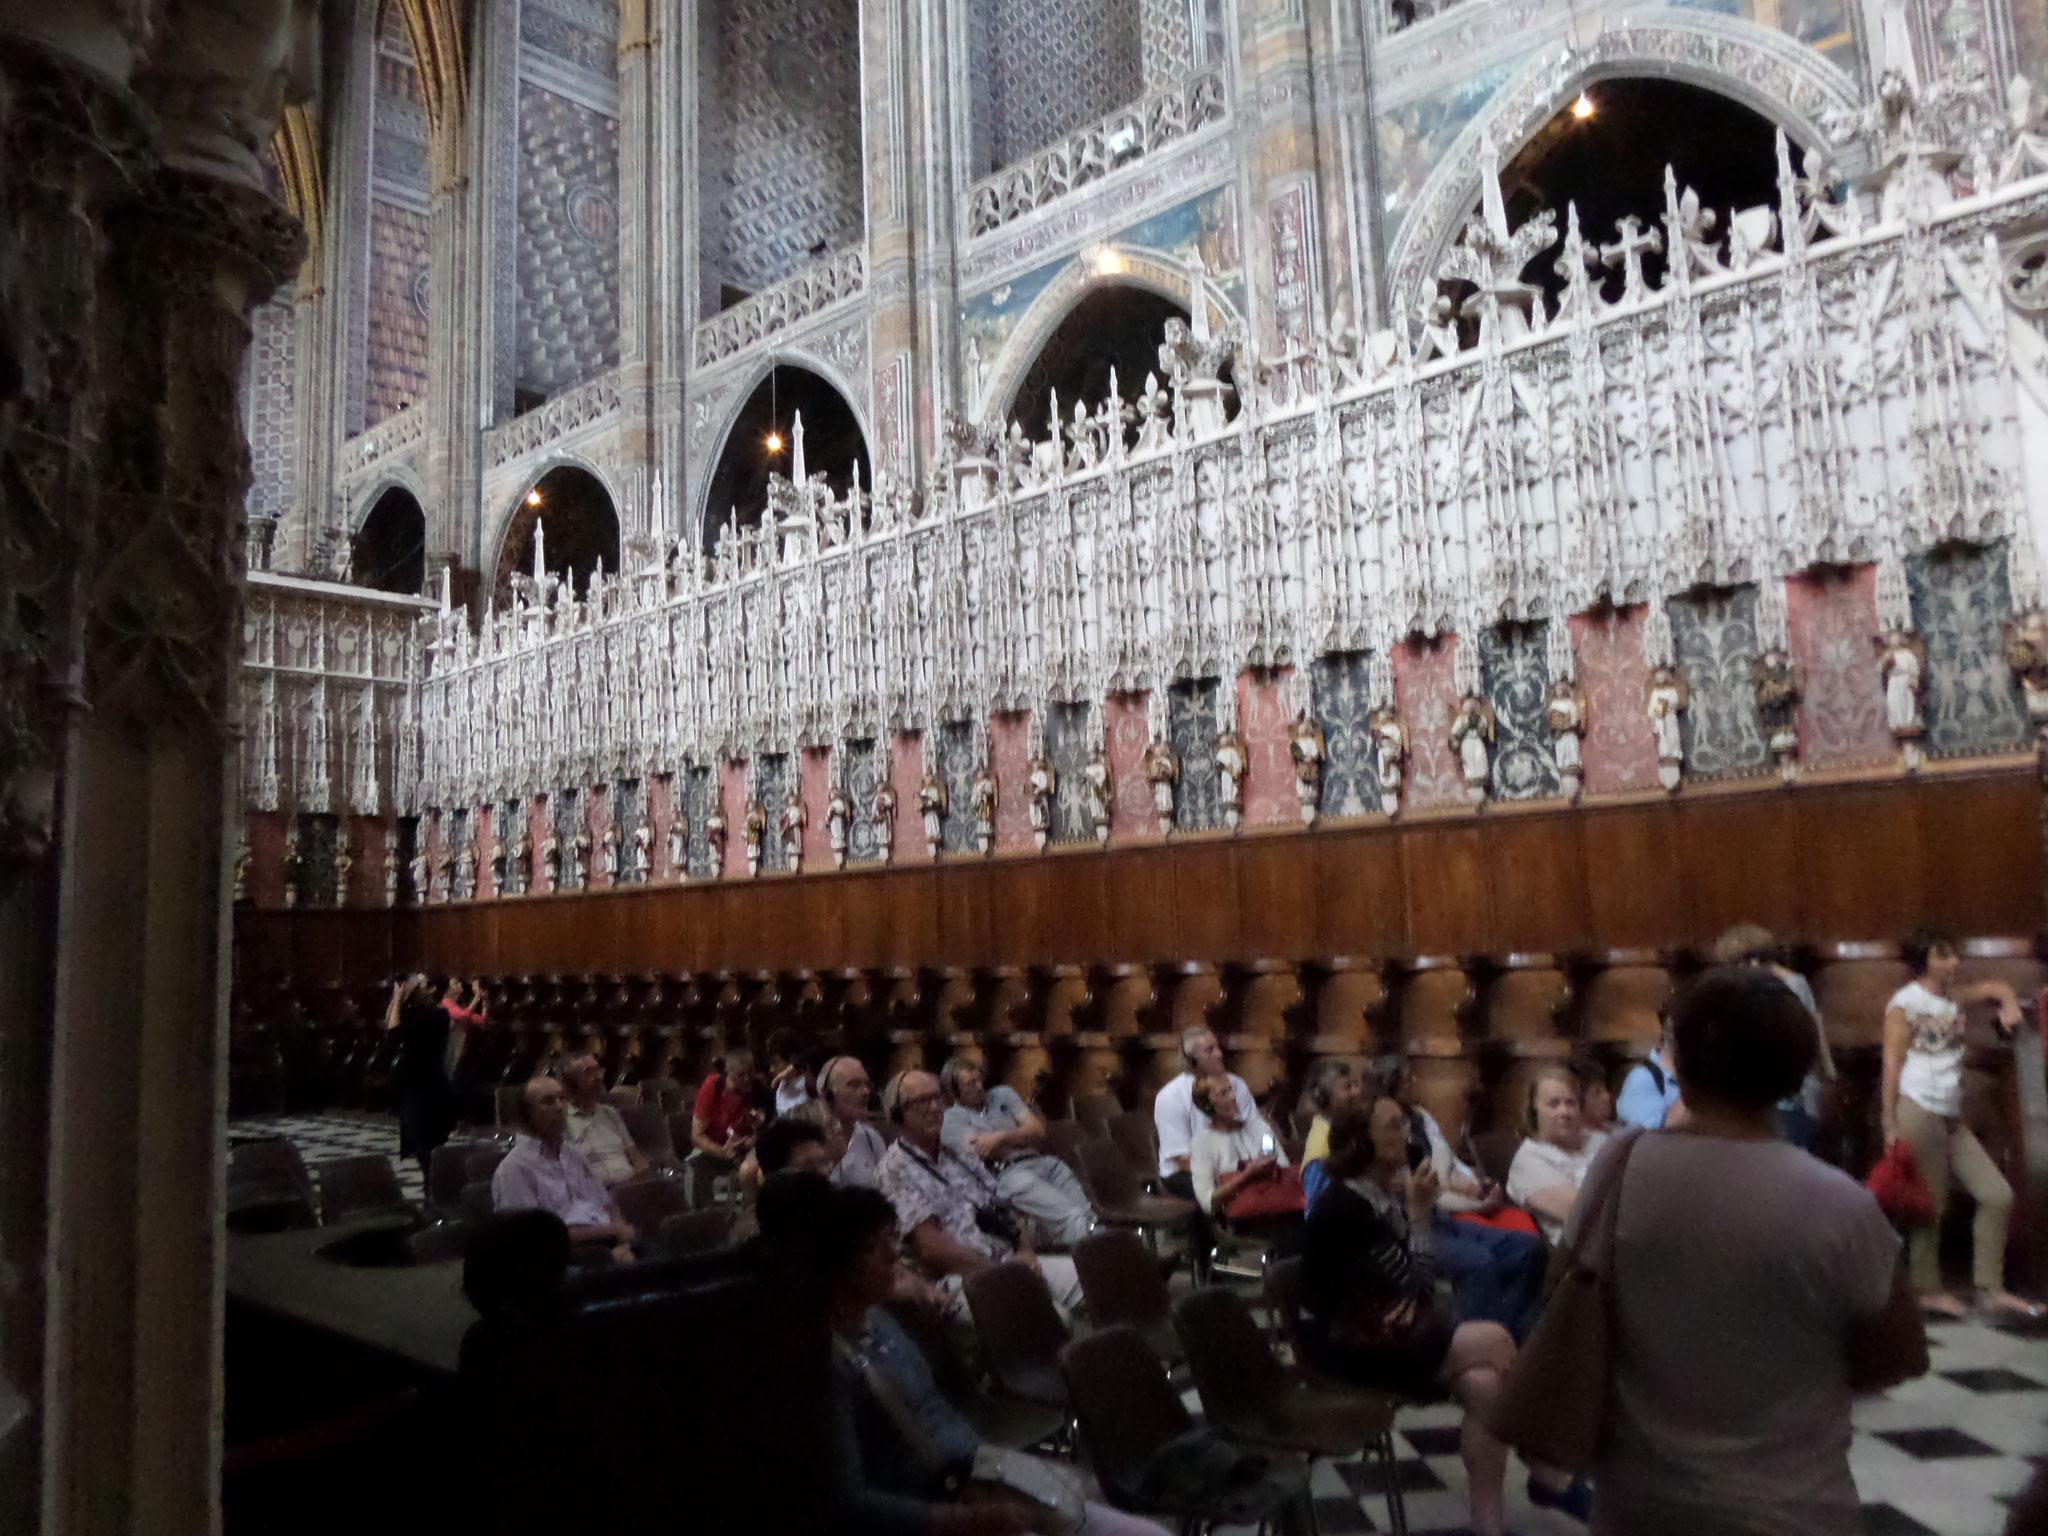 le jubé, véritable dentelle de pierre blanche, clôture du choeur est orné de plus de 270 statues ciselées